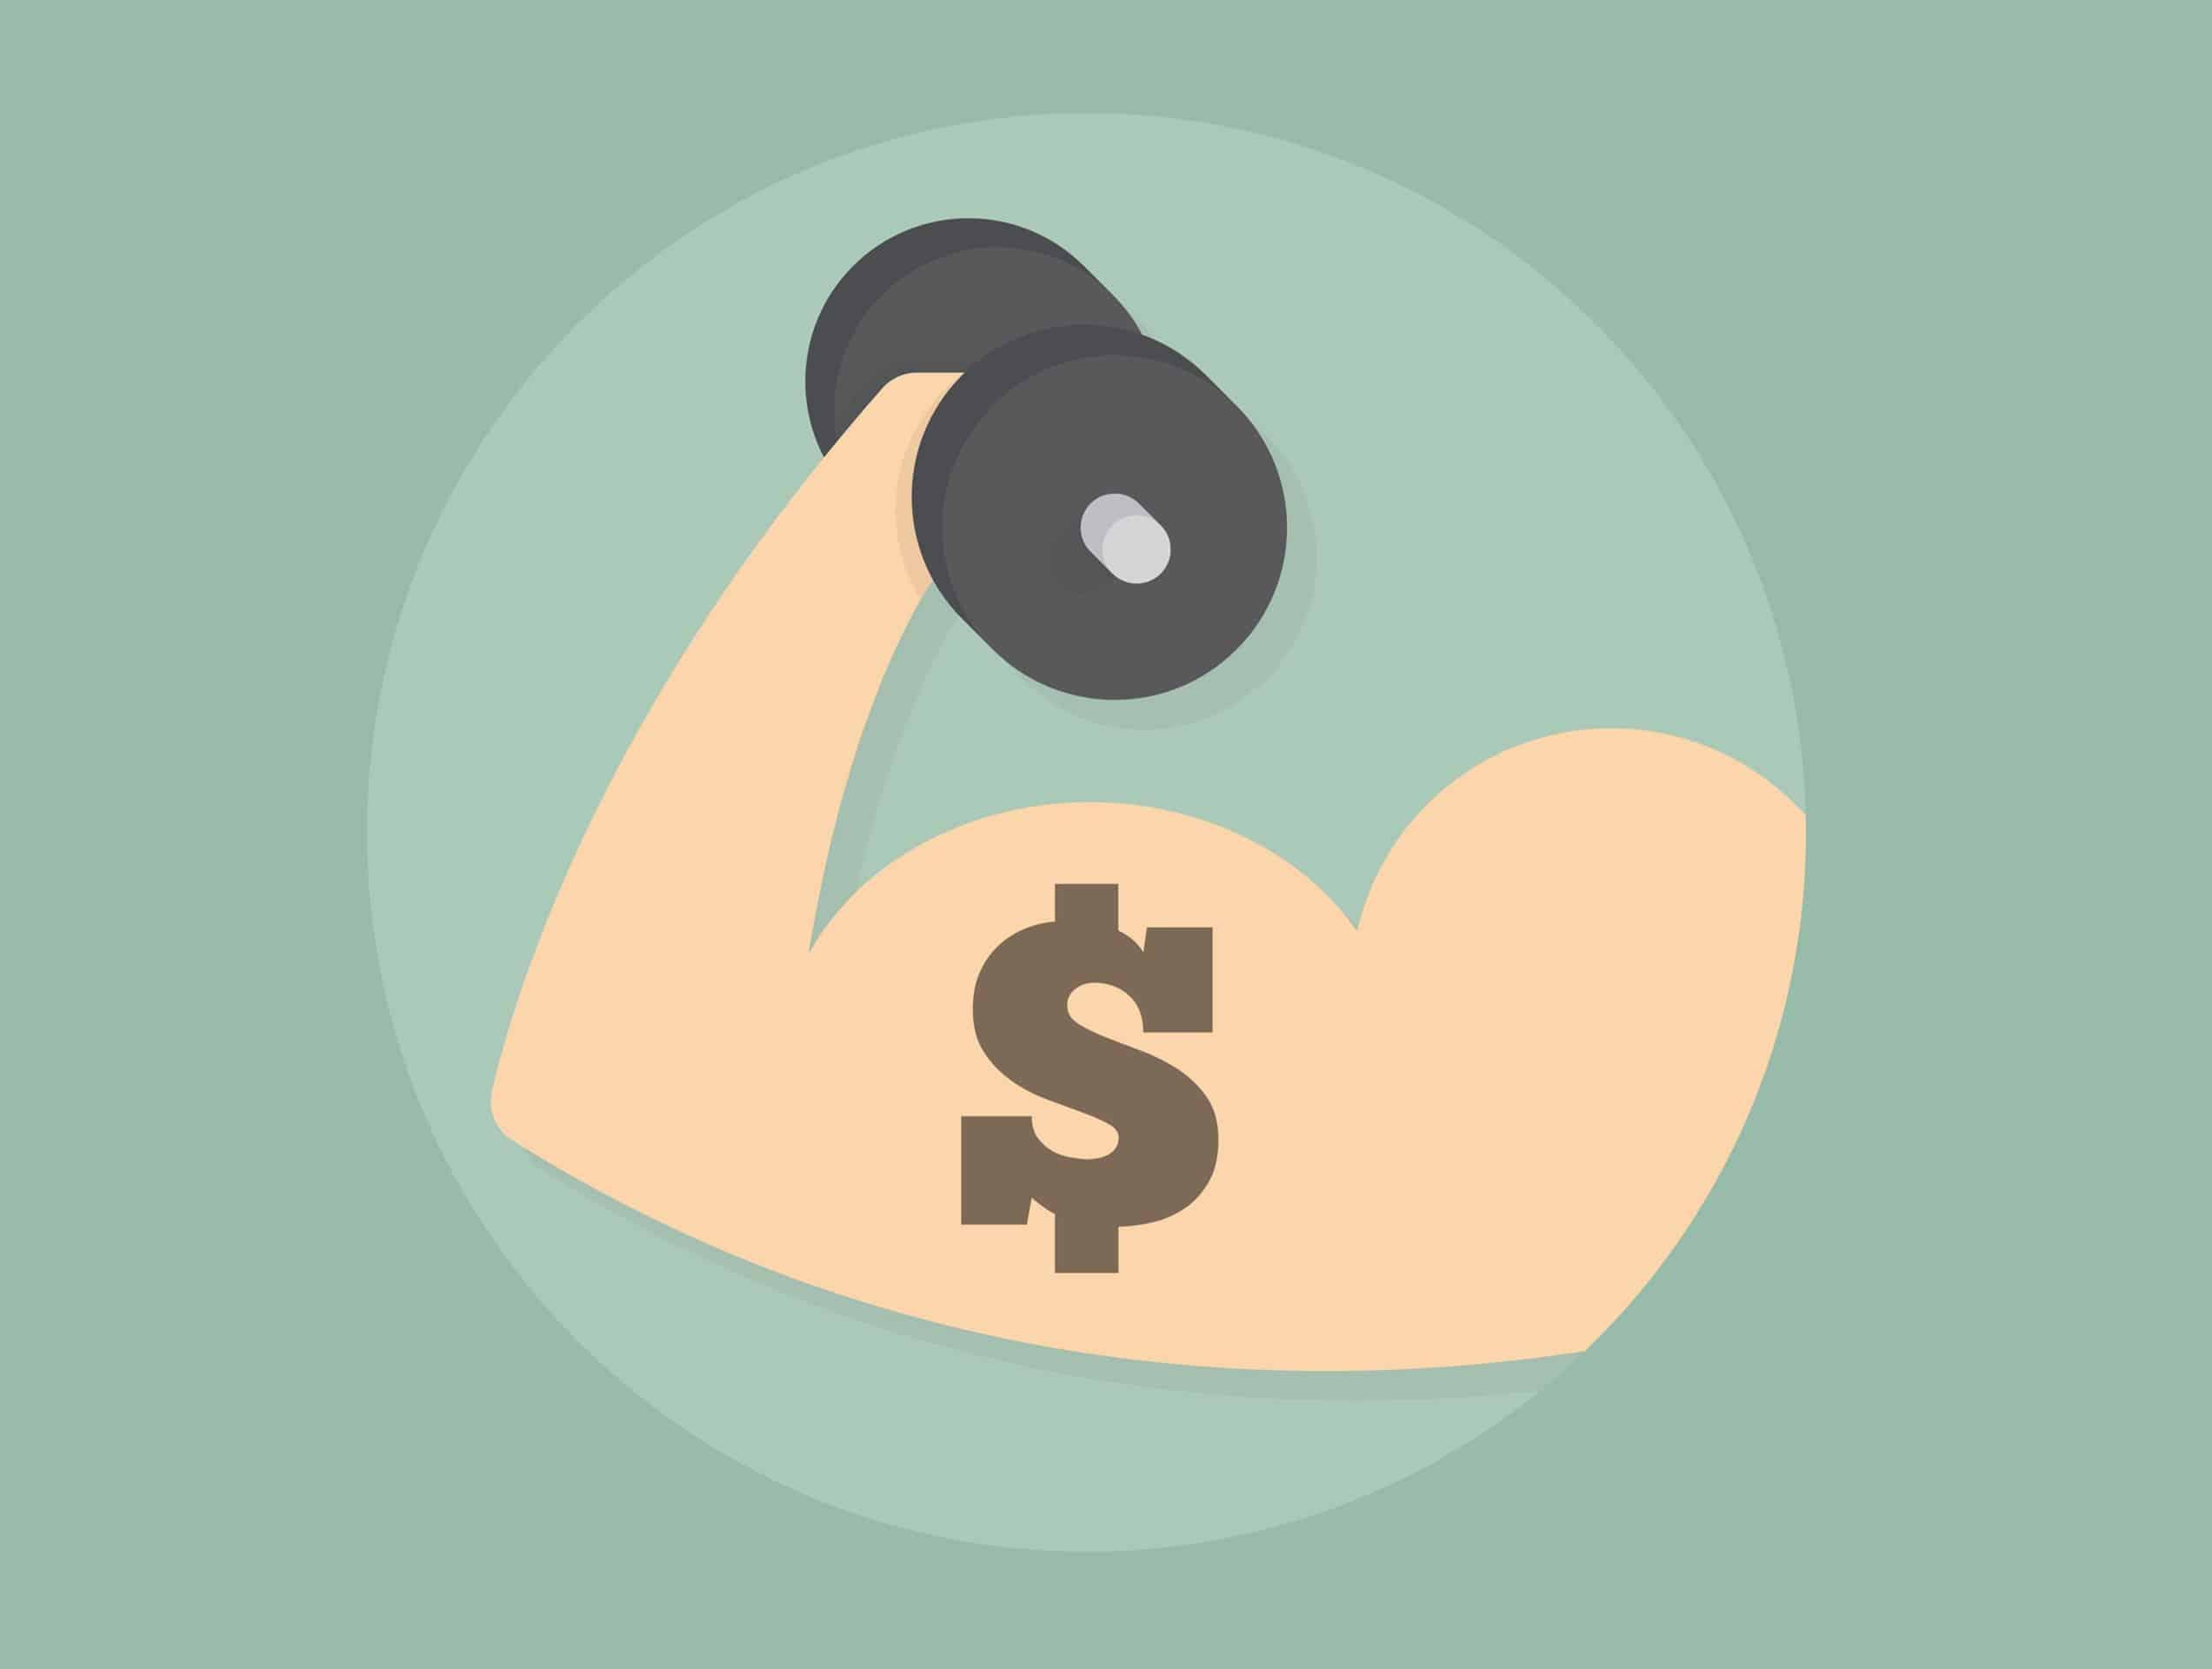 sức khoẻ tài chính là gì